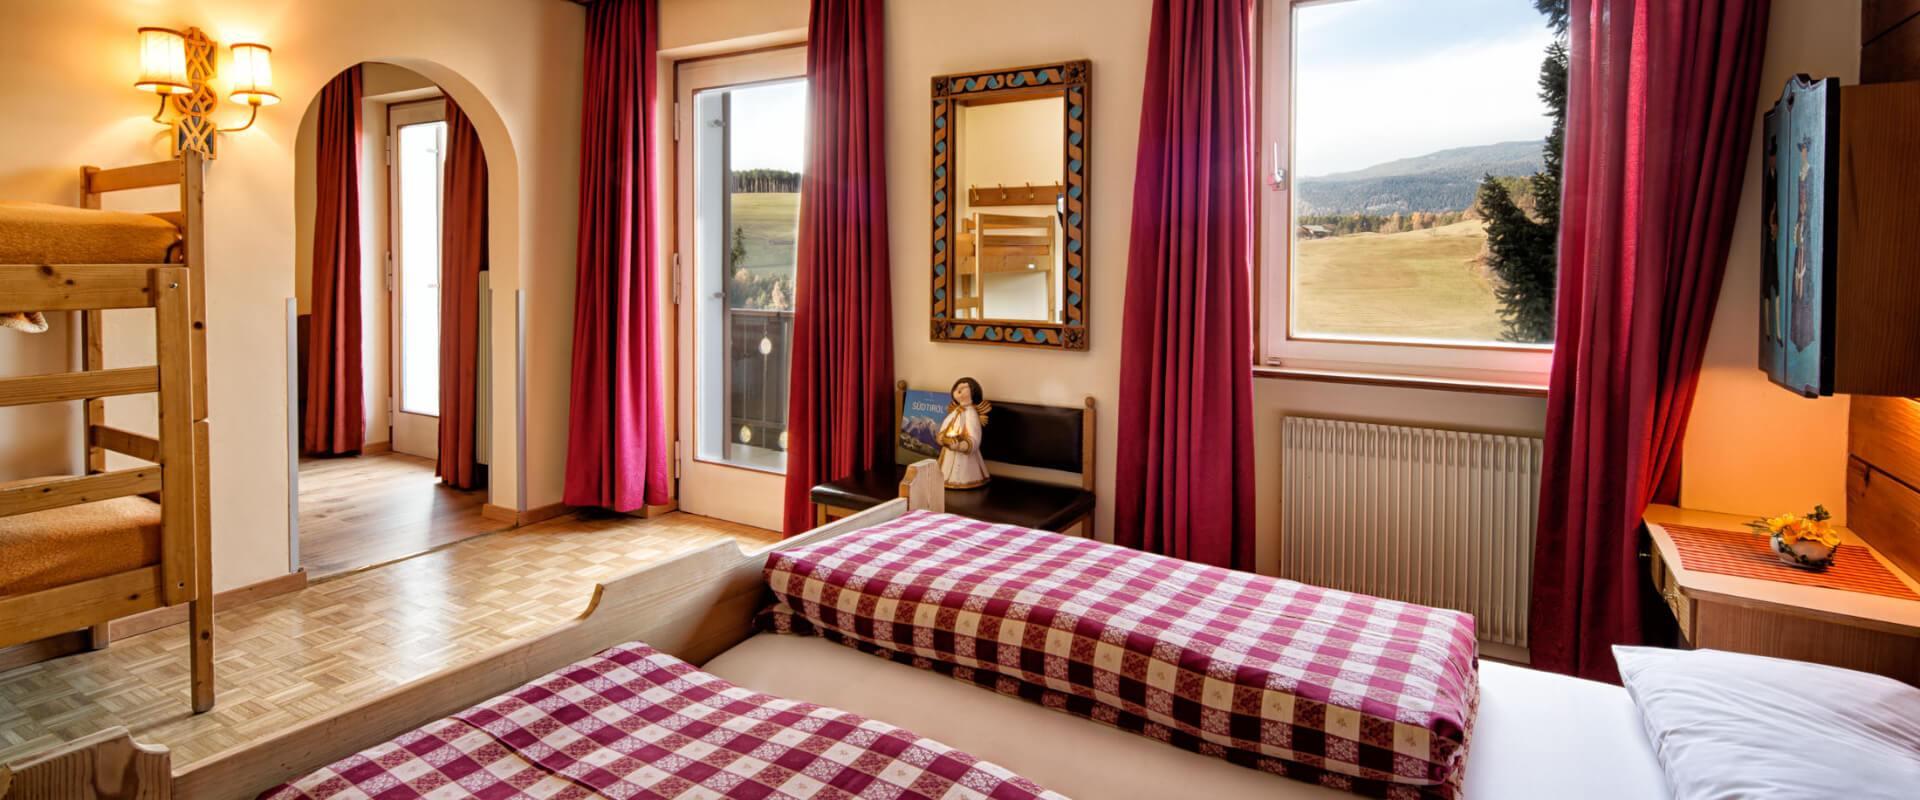 Ferienwohnungen in Kastelruth – Hotel Solaia